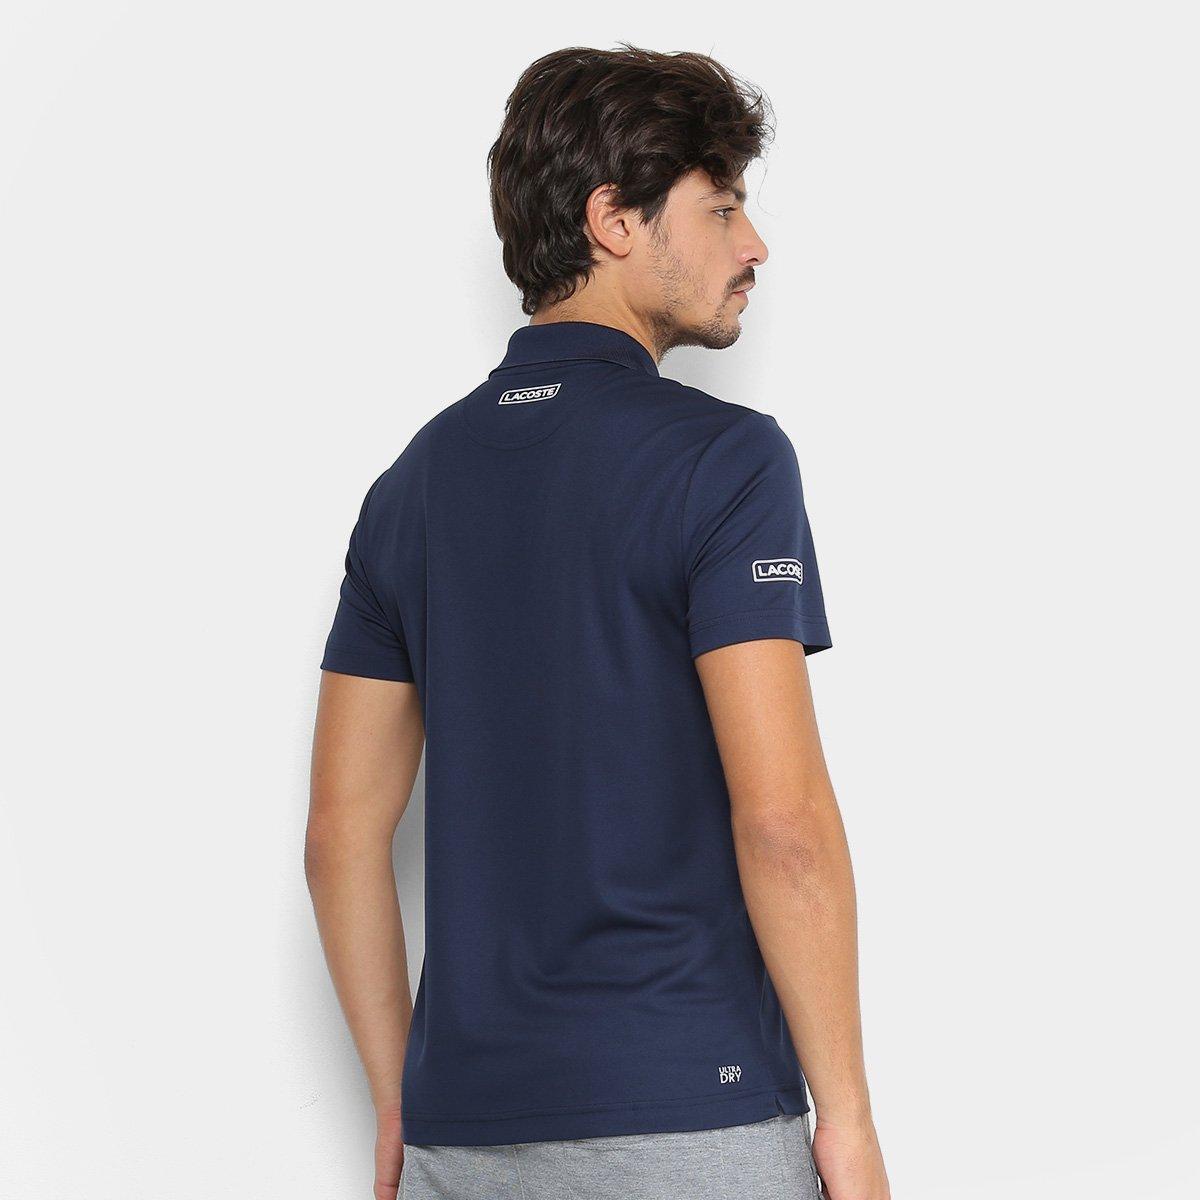 Camisa Polo Lacoste Sport Tennis Masculina - Marinho - Compre Agora ... 20a0b1b6d4